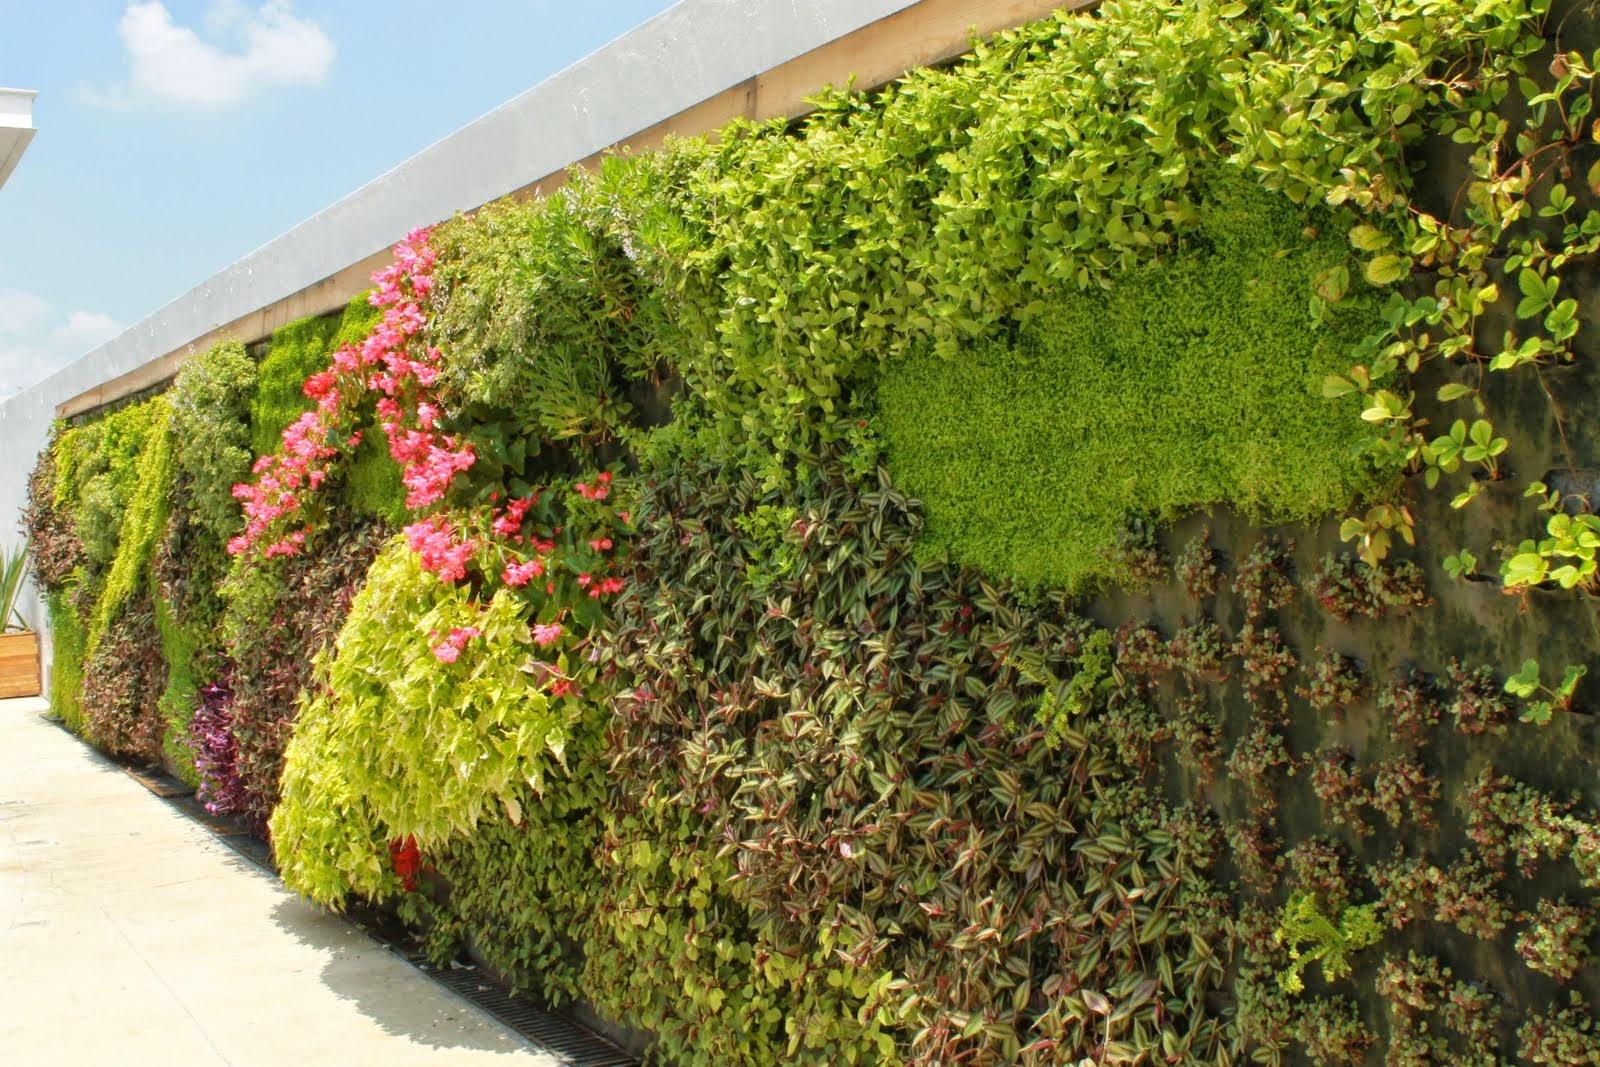 marbella muros verdes by marbella valdez gutierres o